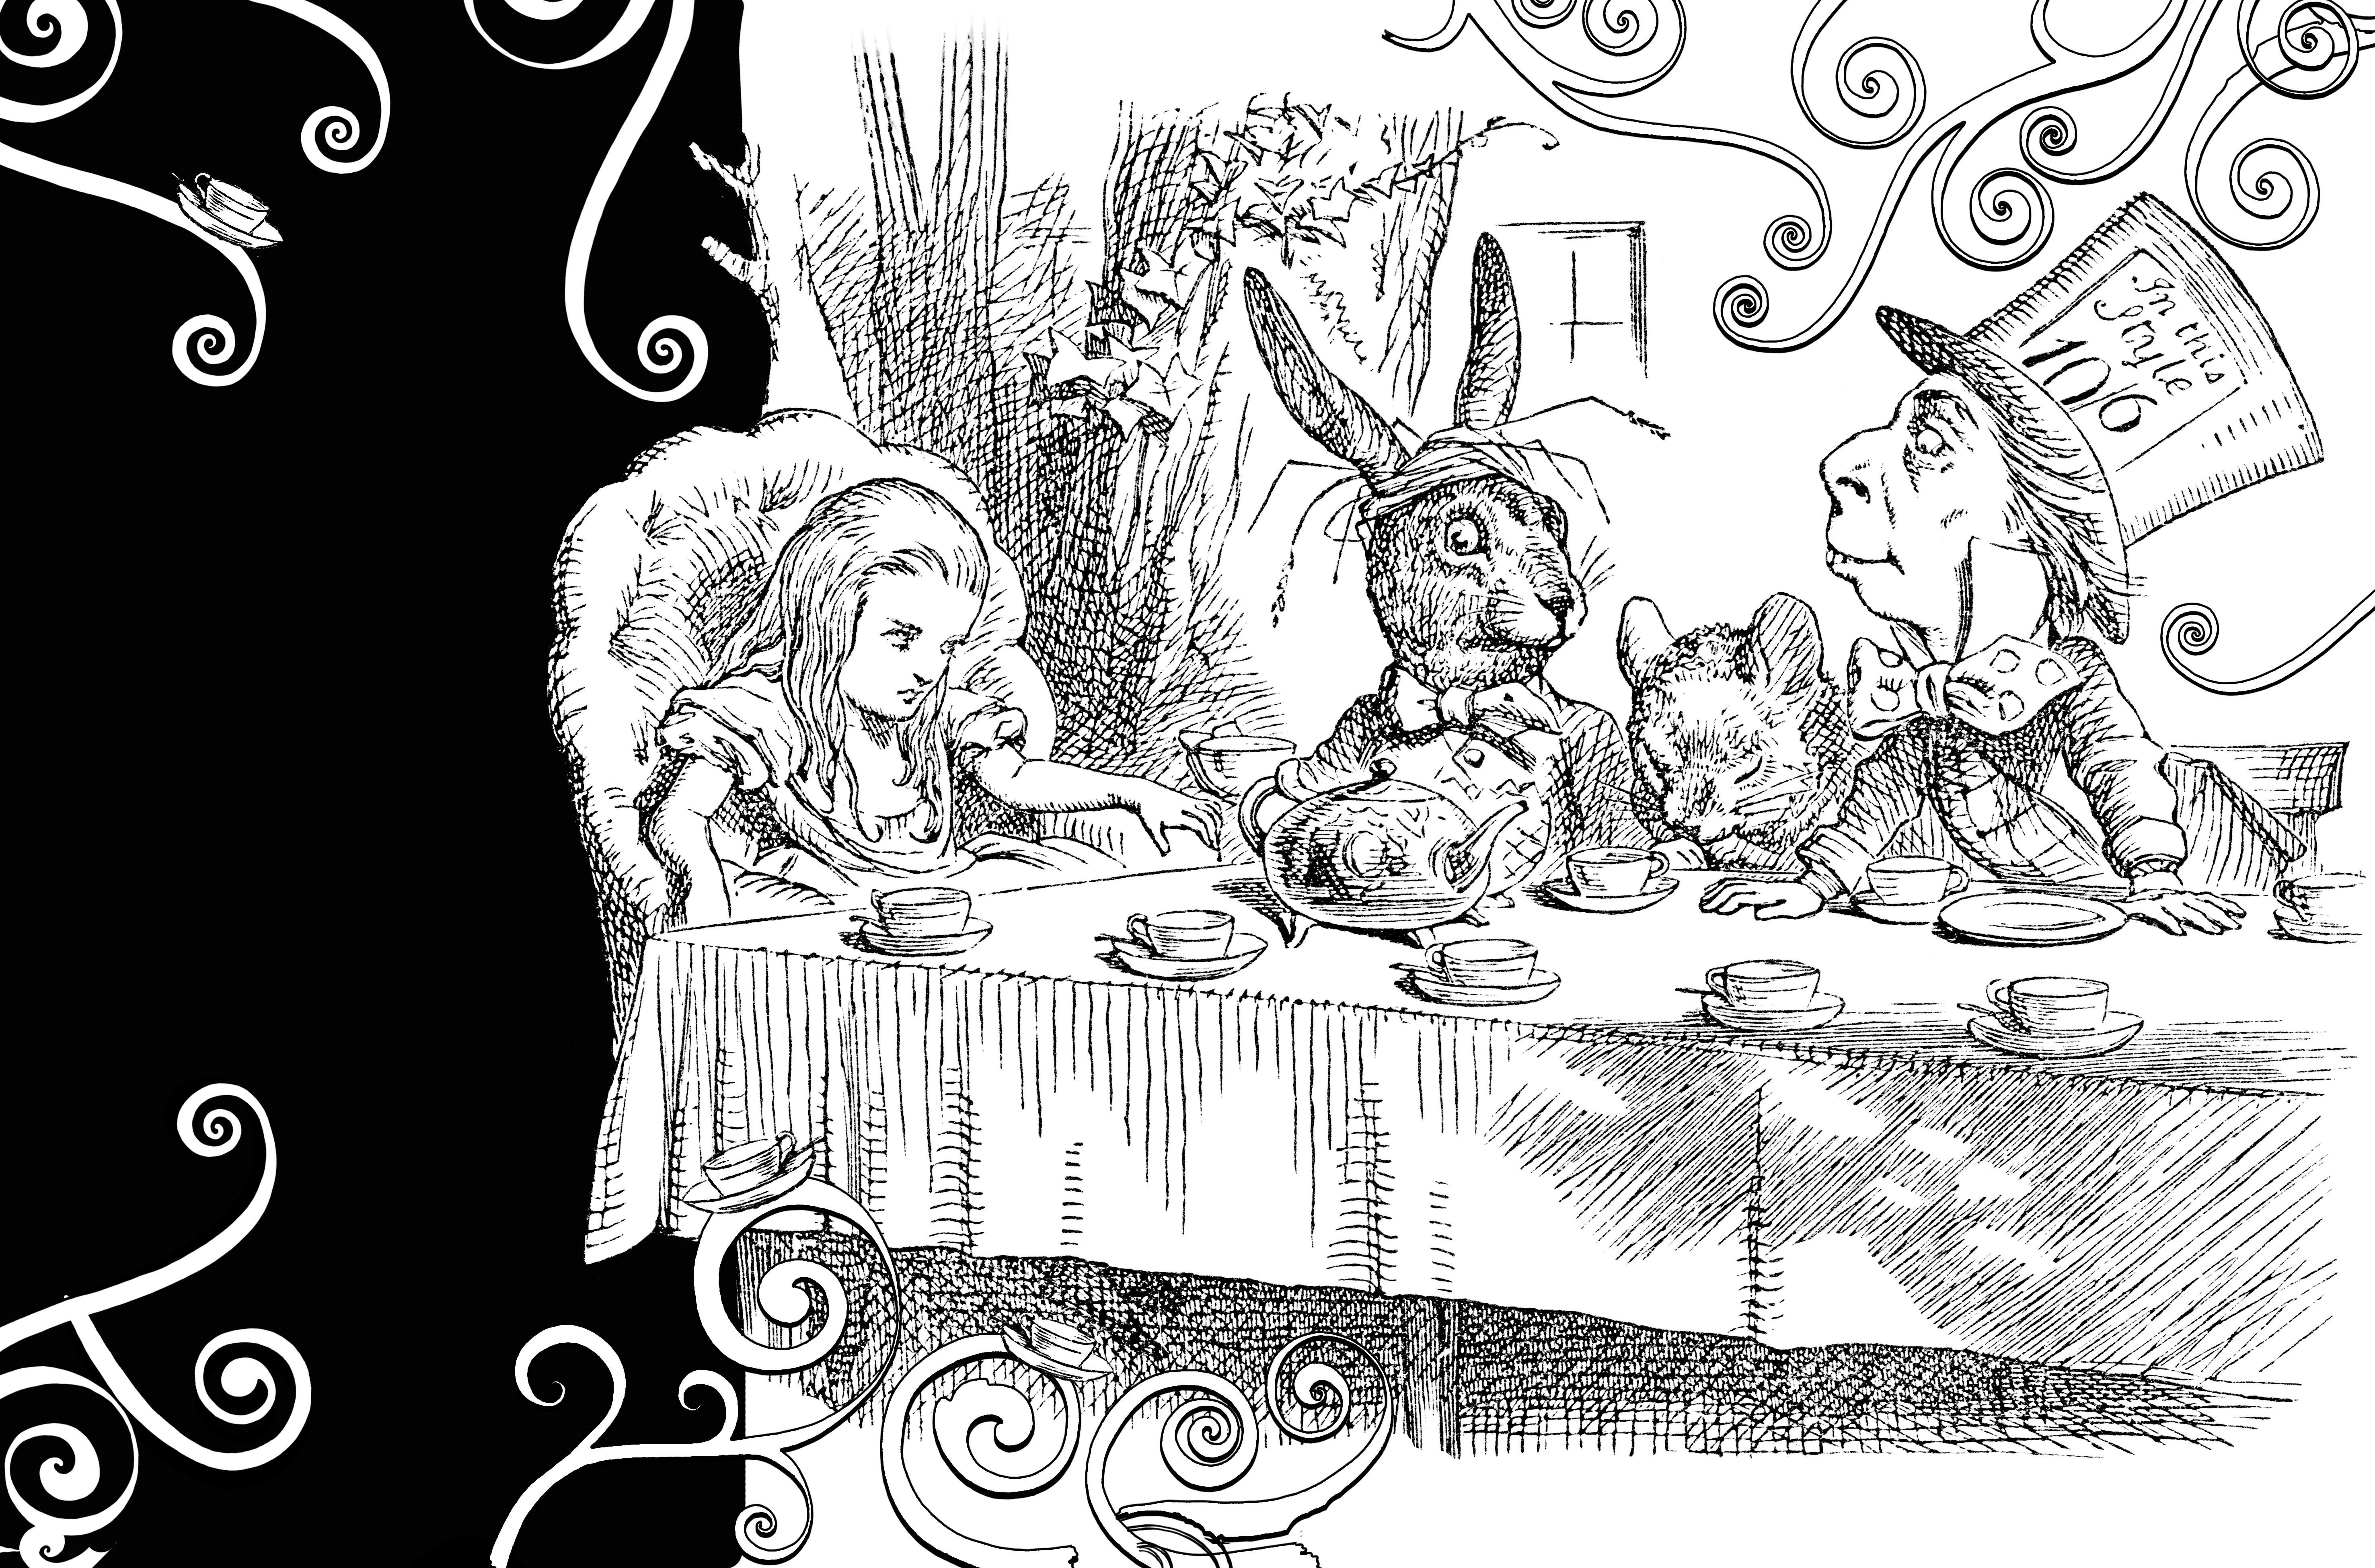 Großartig Alice Im Wunderland Malvorlagen Trippy Galerie - Beispiel ...